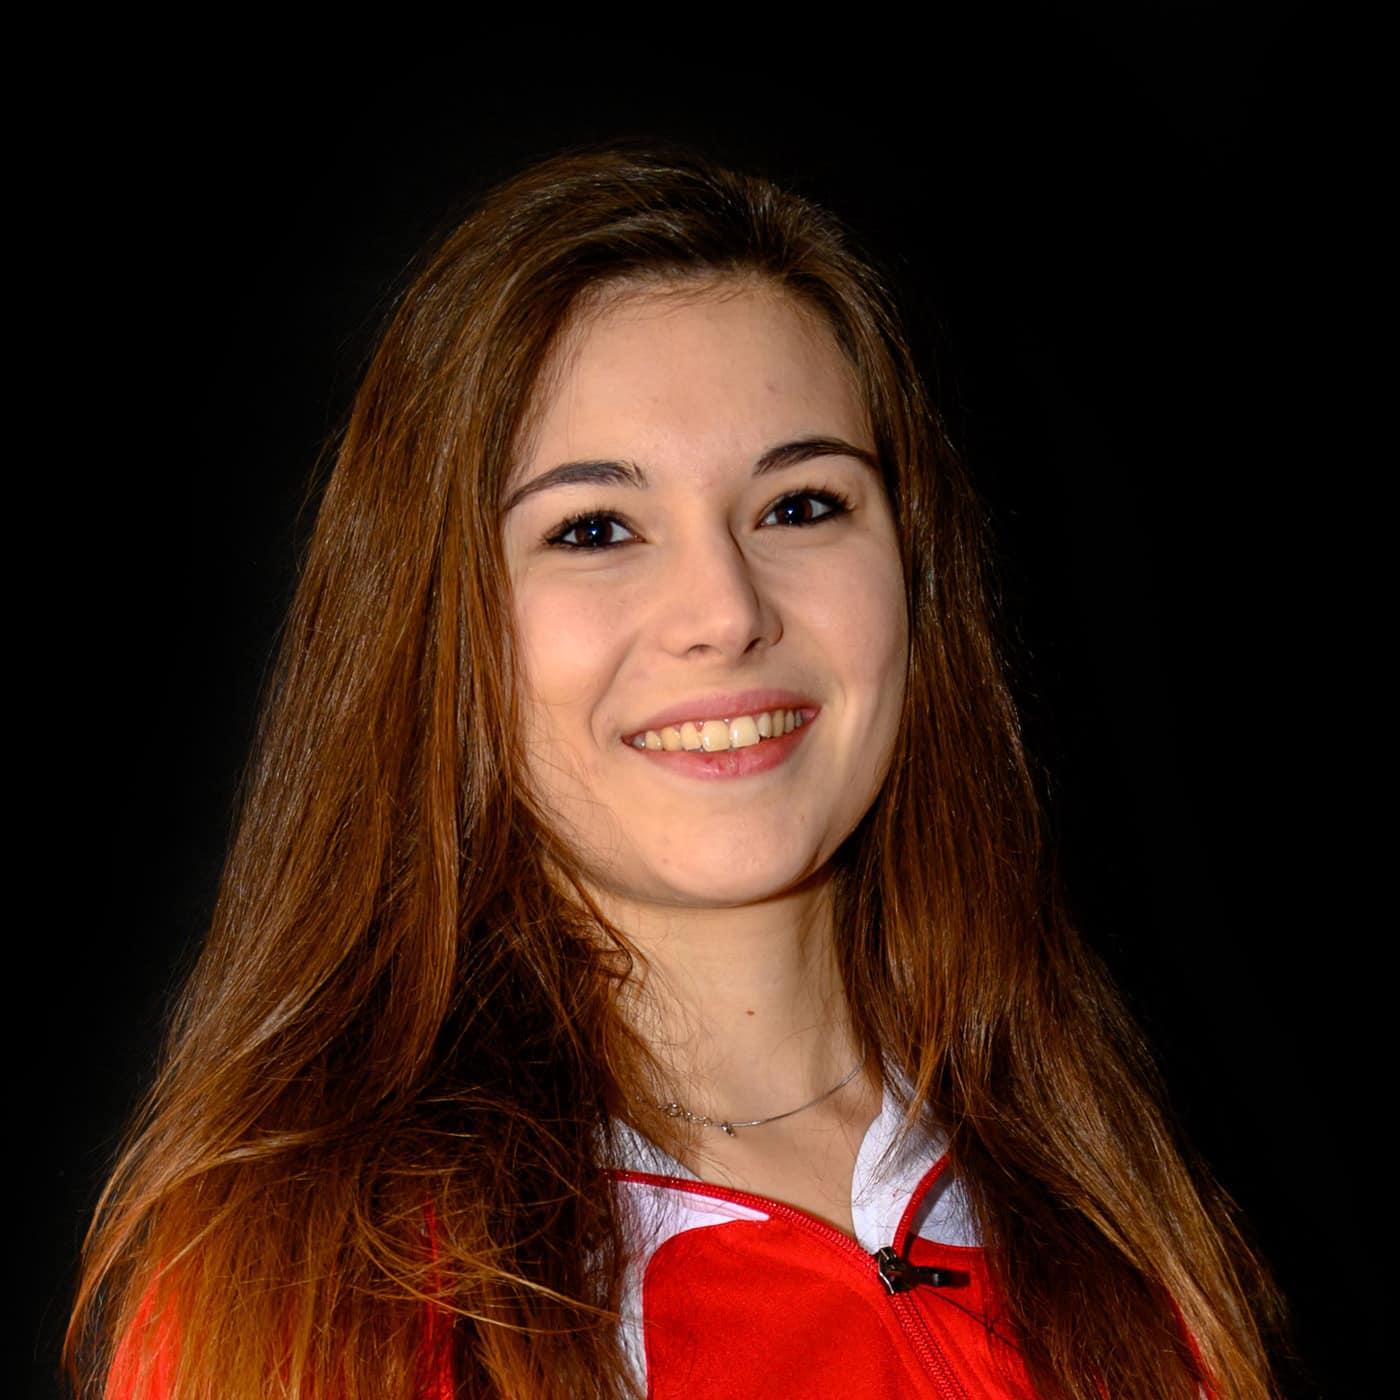 Melanie Marcinkowski